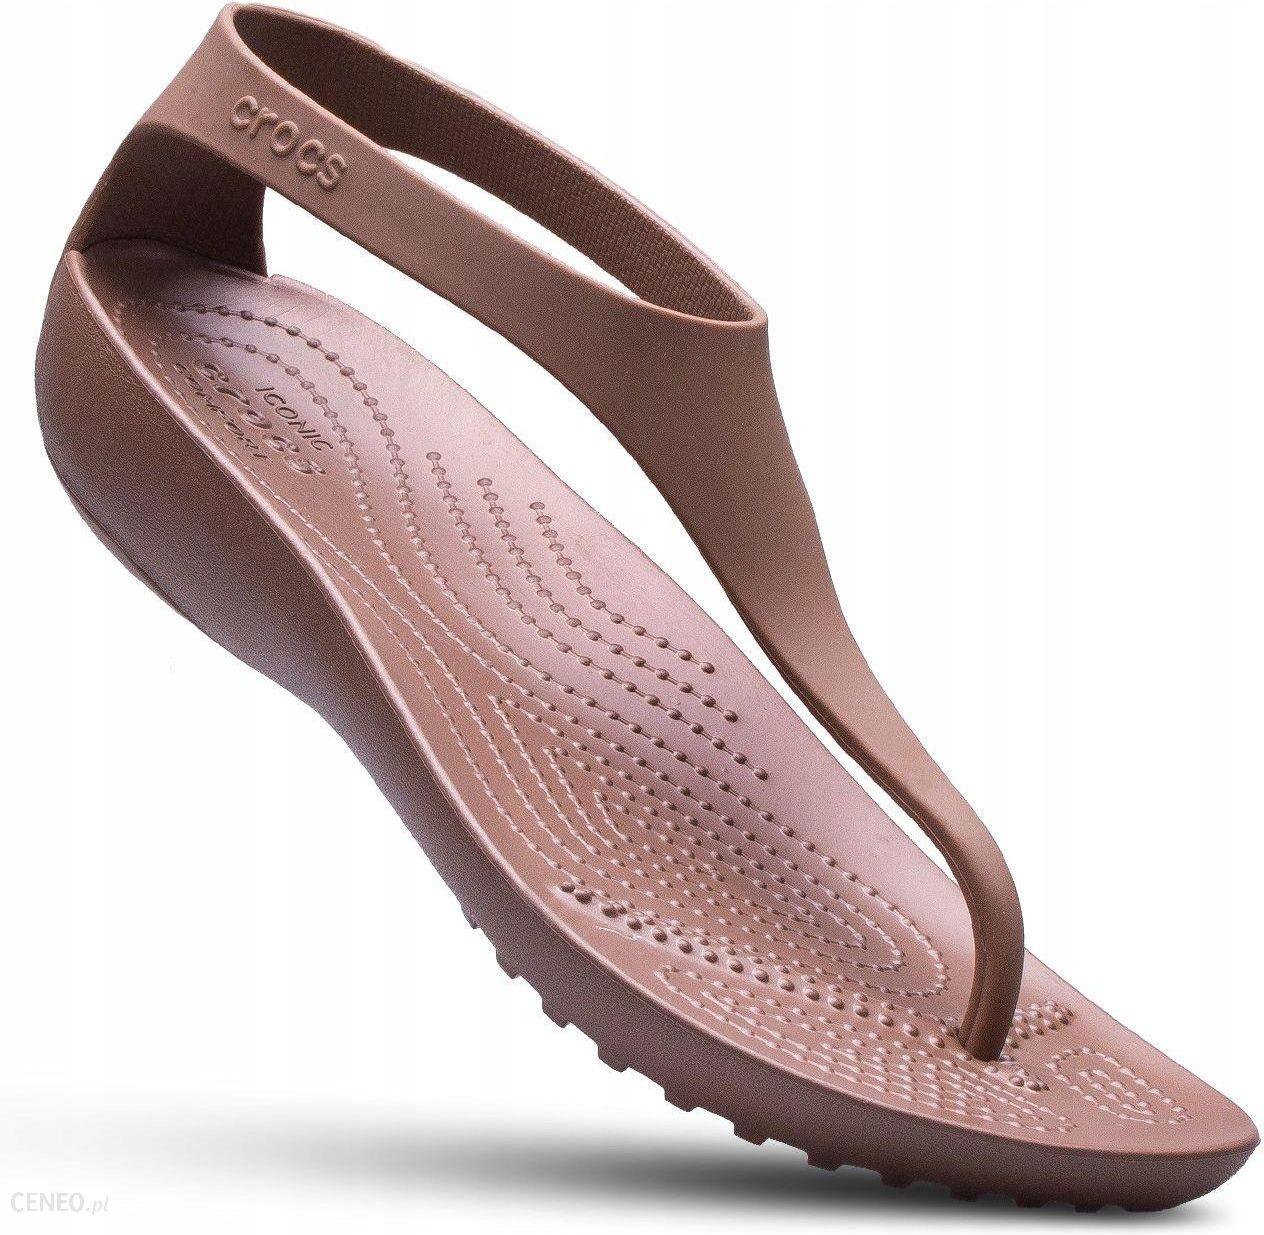 obuwie konkurencyjna cena oficjalny sklep Crocs klapki damskie japonki sandały Serena Flip - Ceny i opinie - Ceneo.pl